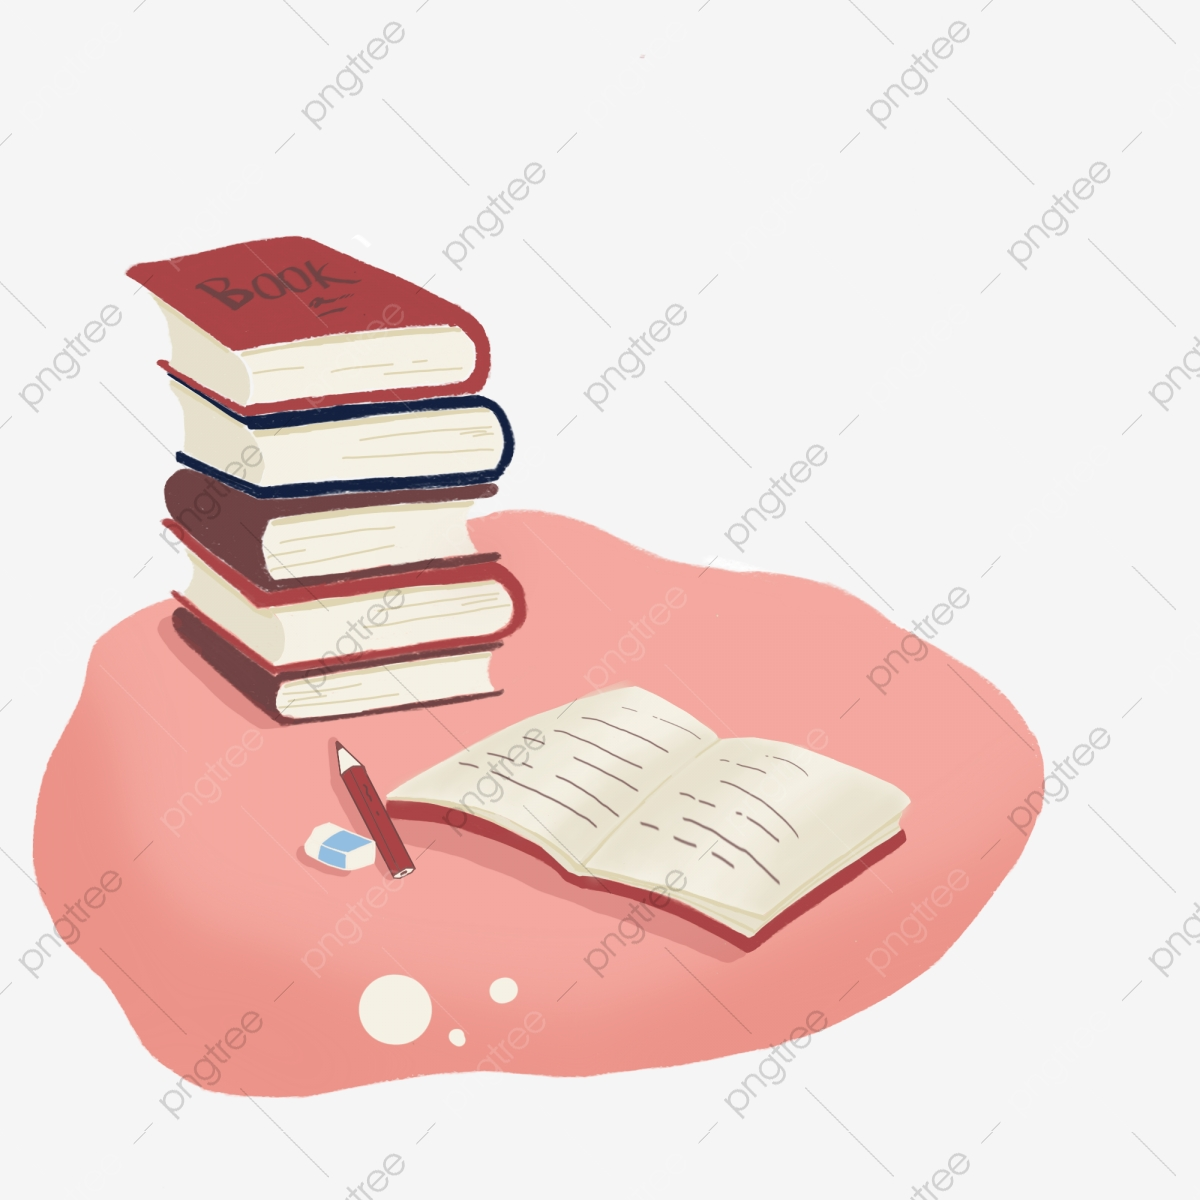 كتاب مفتوح كتاب كرتون كتاب Png وملف Psd للتحميل مجانا